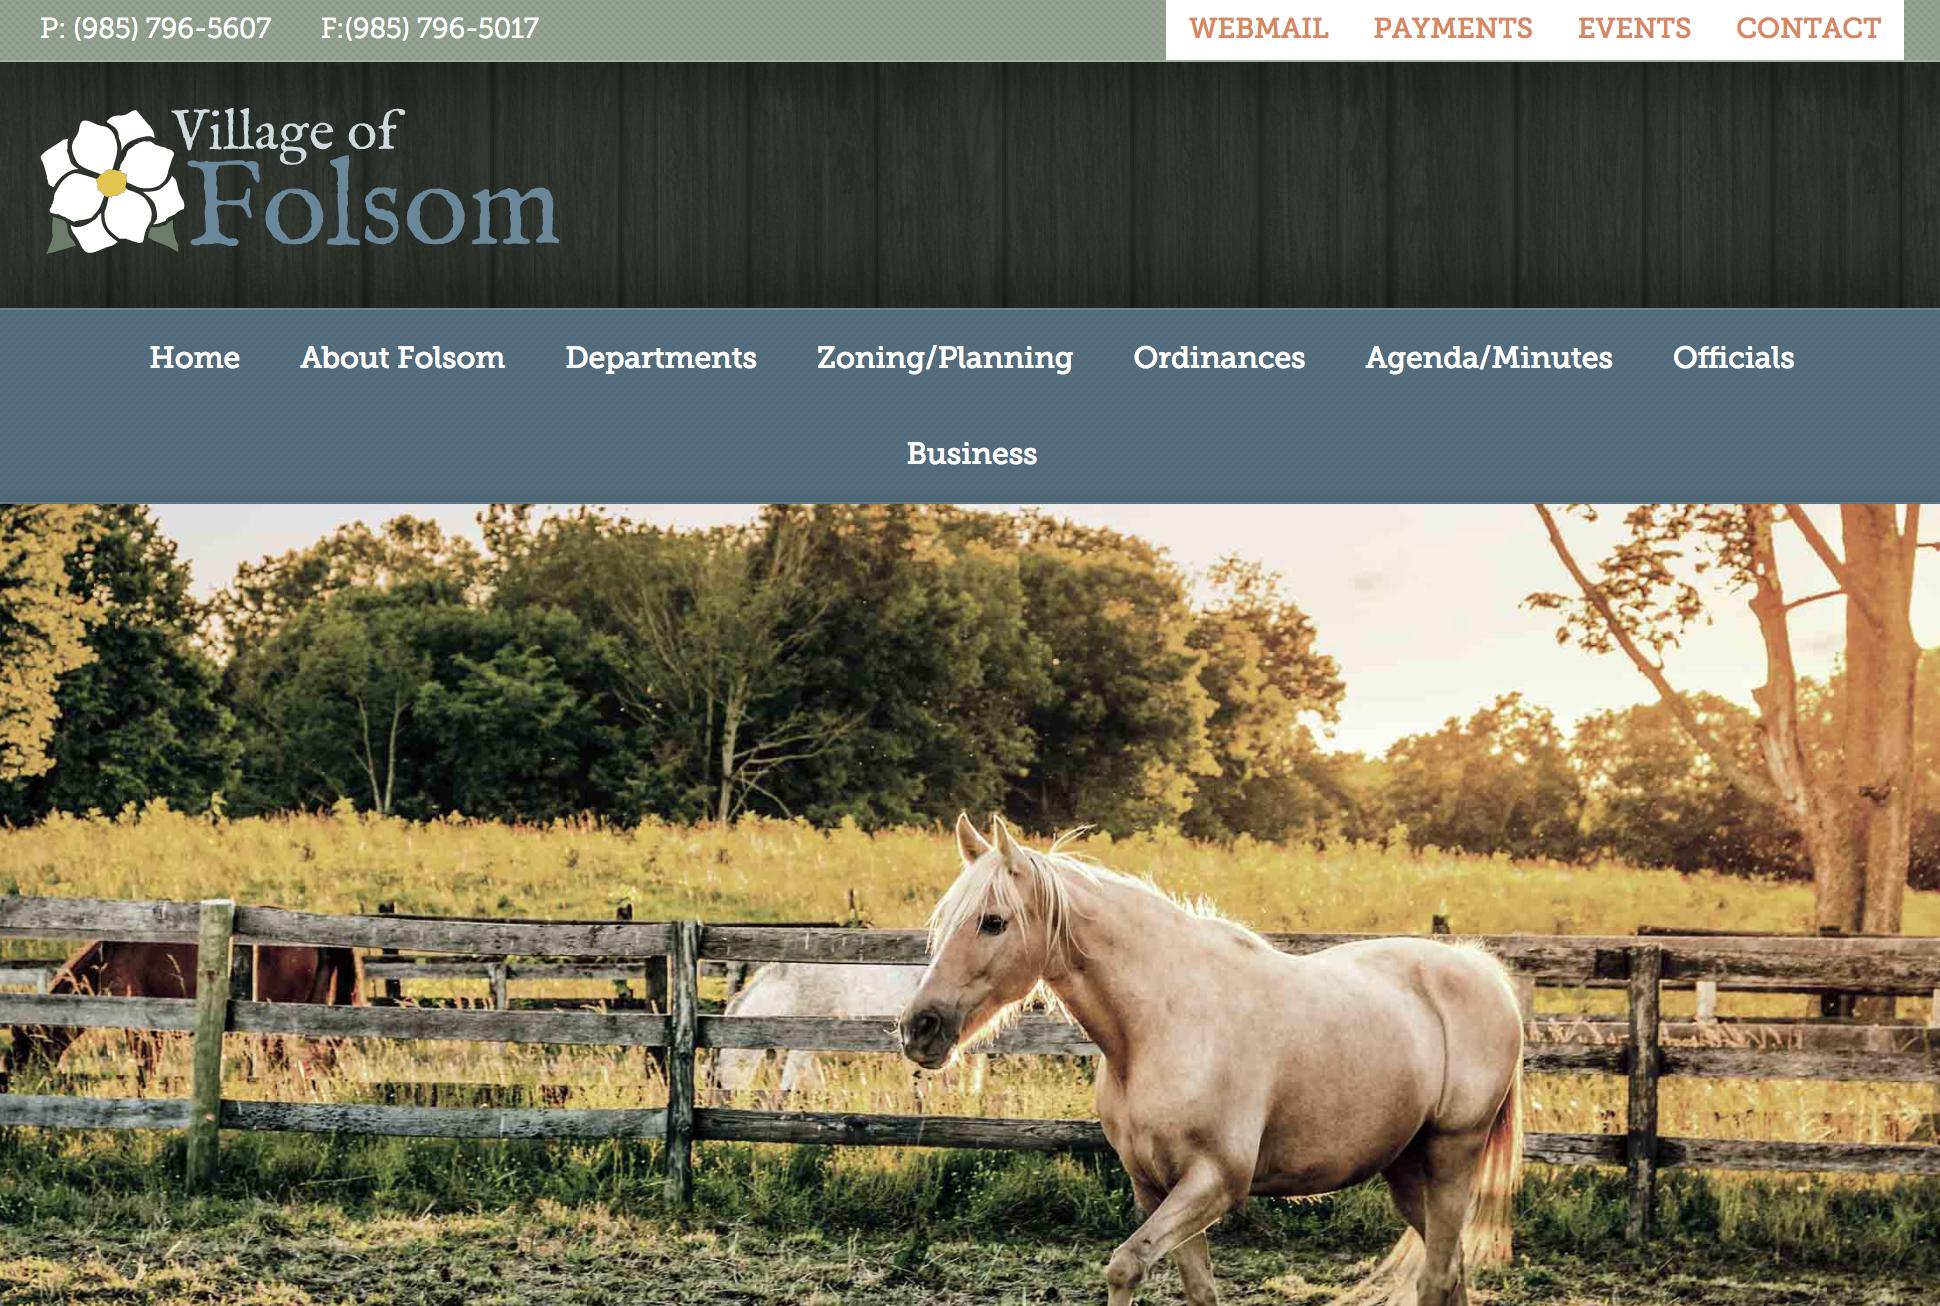 Village of Folsom